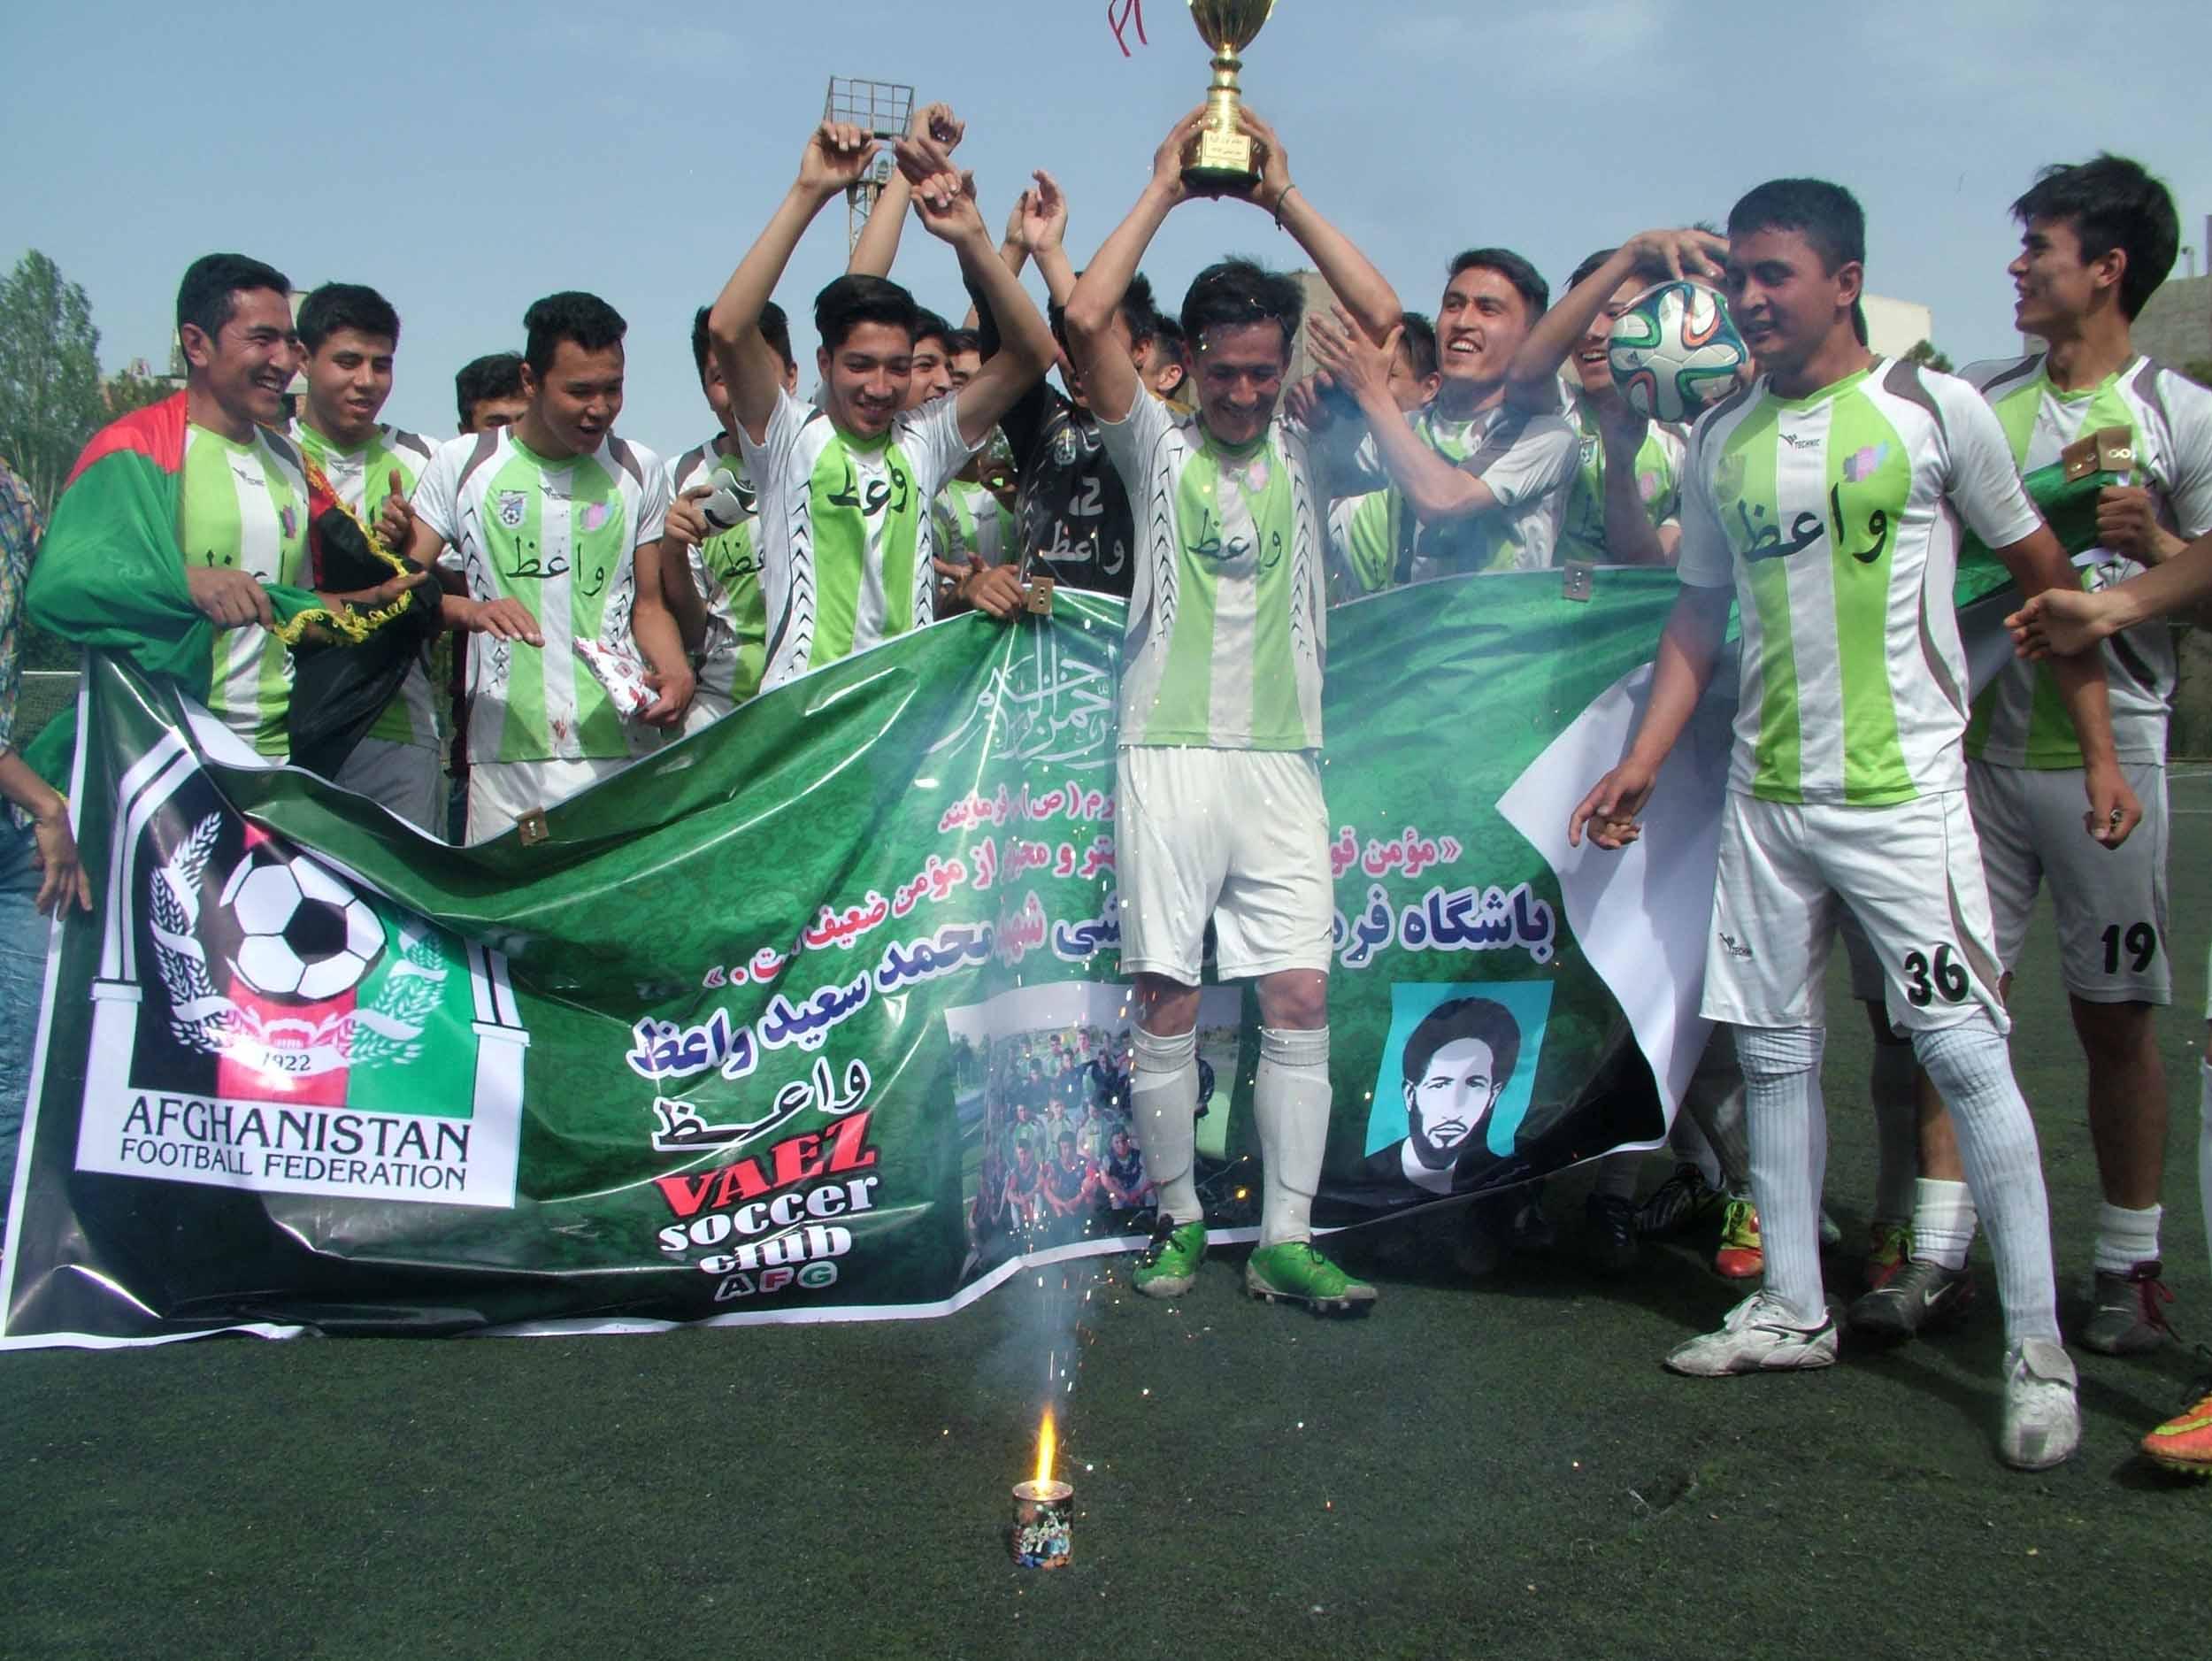 ویدیوهای باشگاه فوتبال شهید محمد سعید واعظ